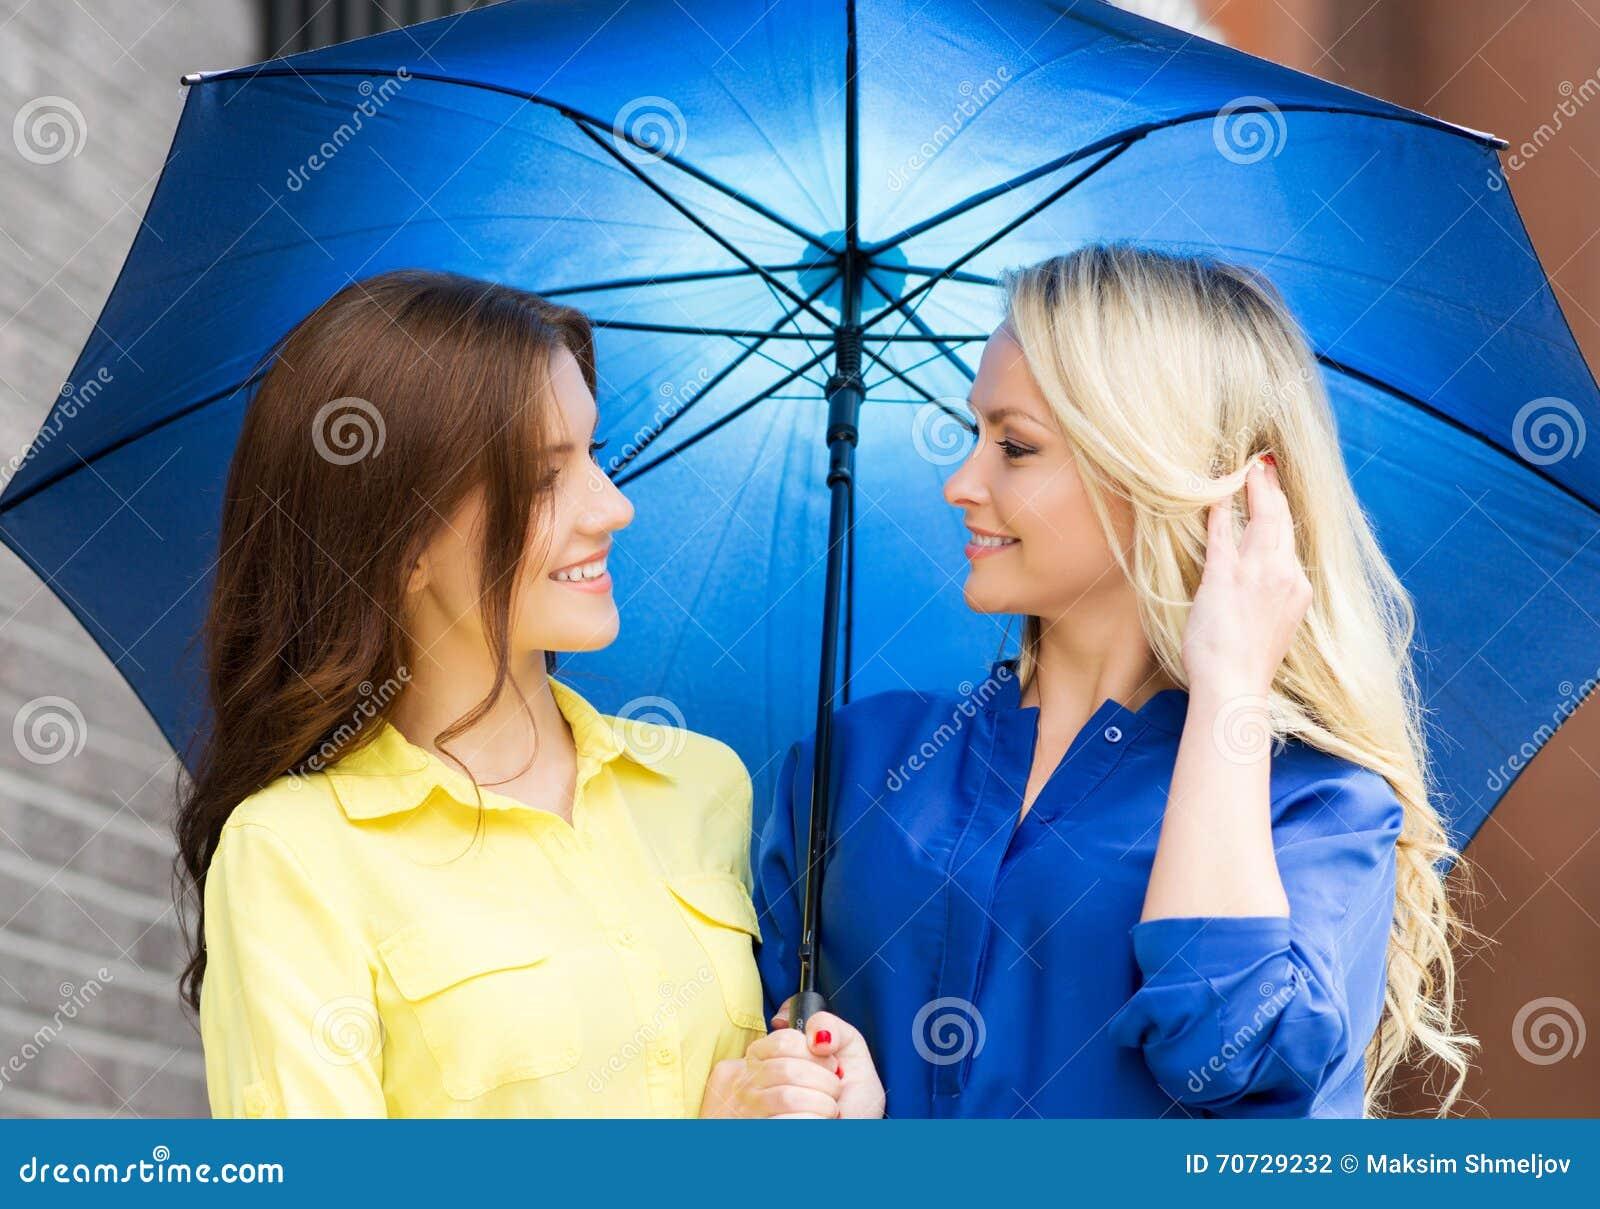 Contactos para mujeres que oagen con jovencitos [PUNIQRANDLINE-(au-dating-names.txt) 57